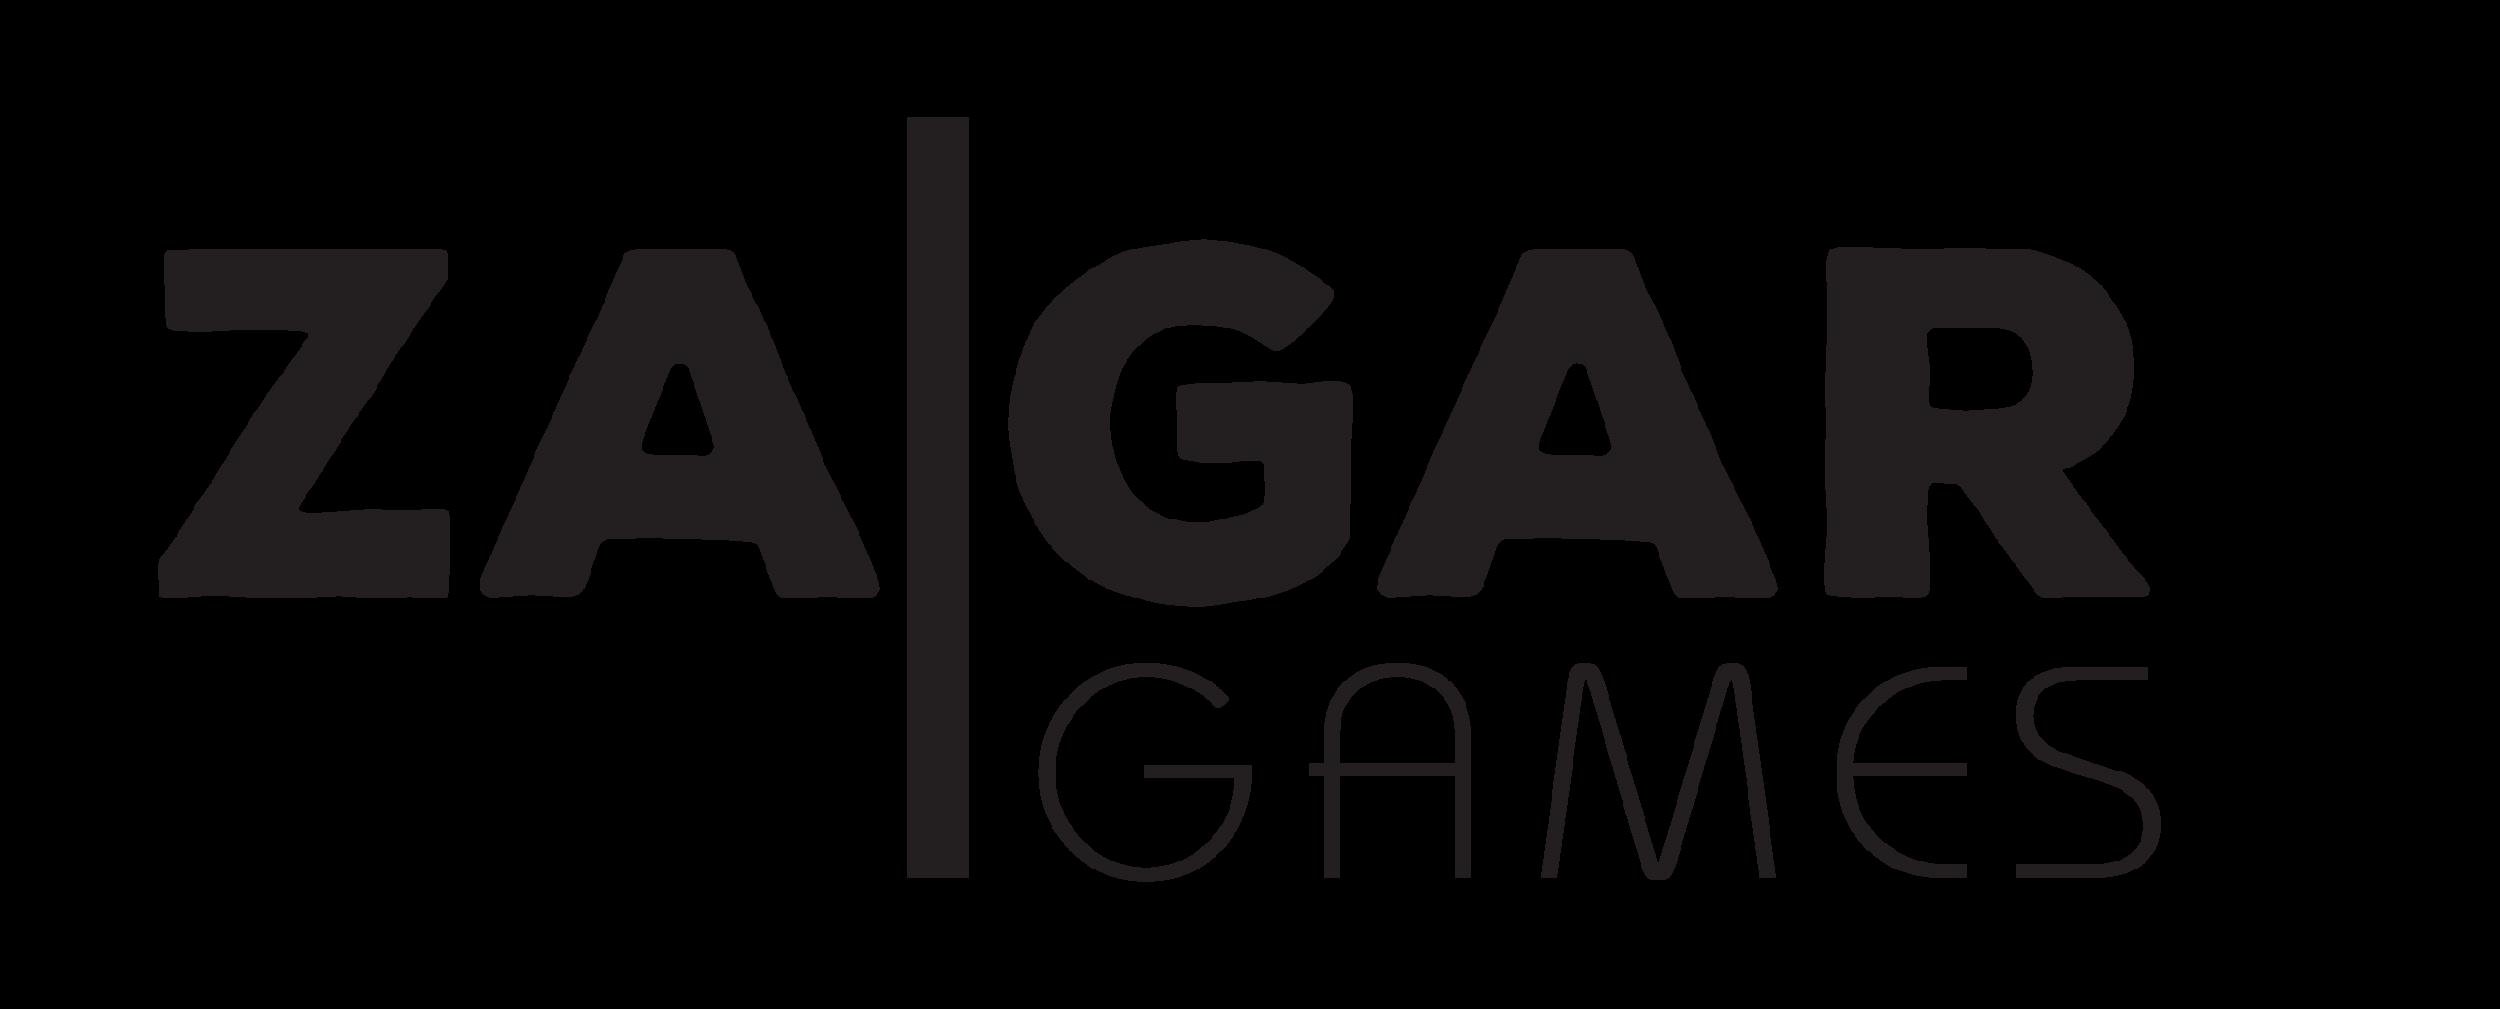 ZagarLogo.png